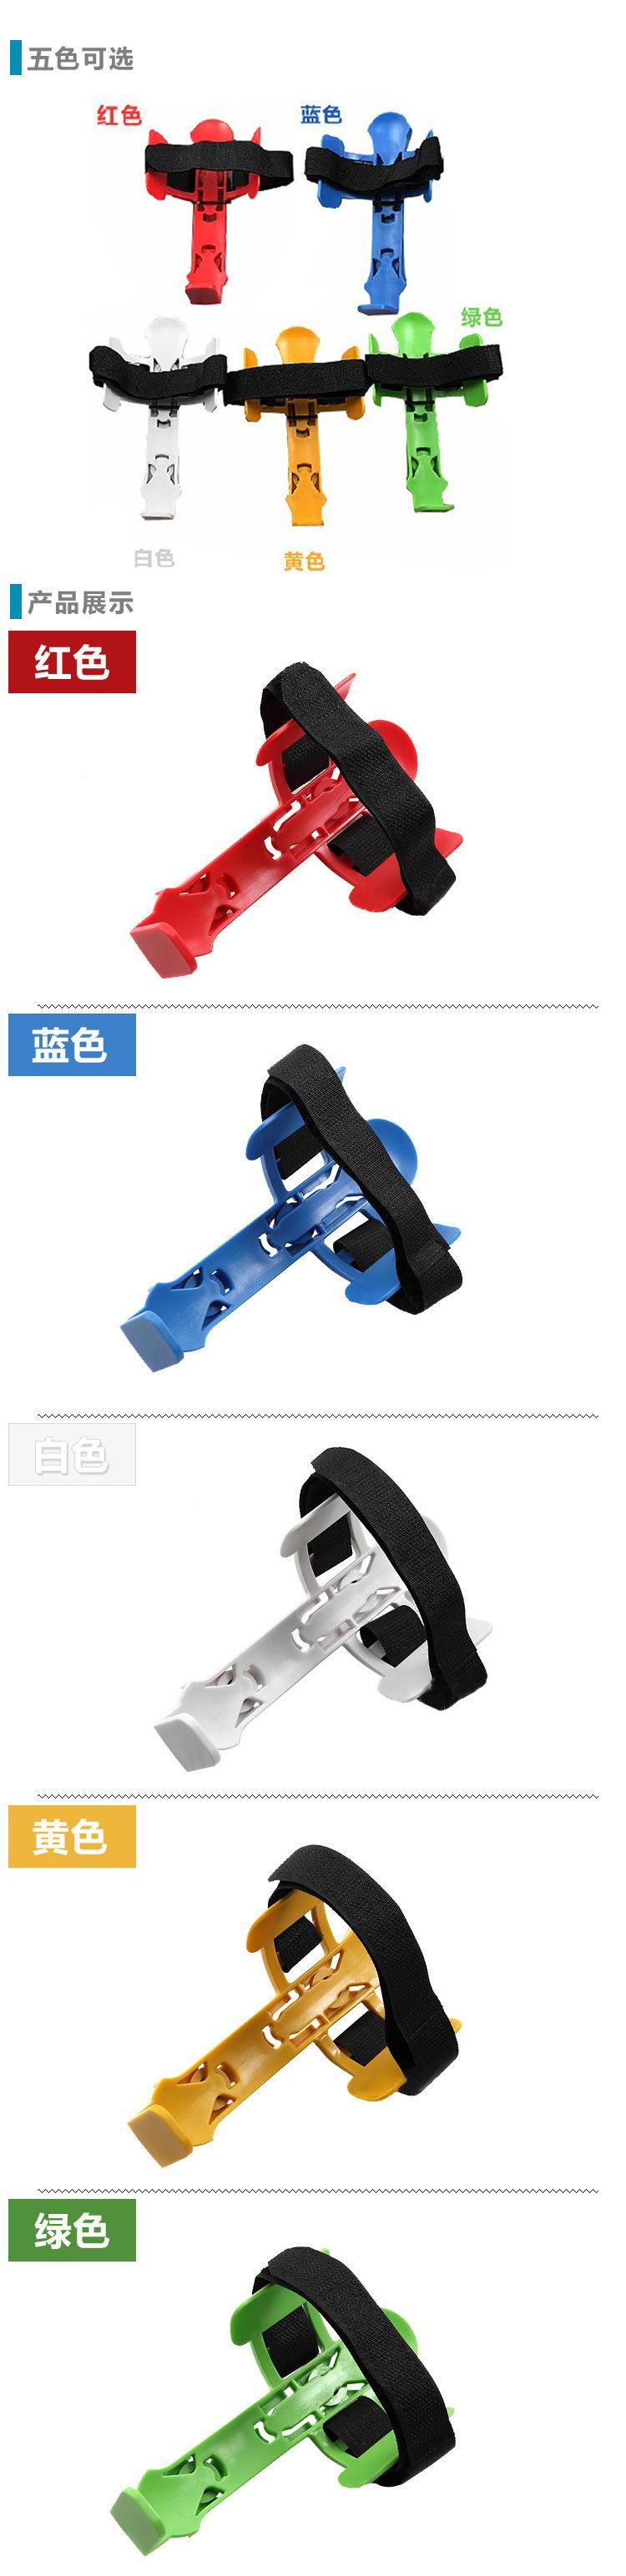 新款 猫爪自由型可调自行车水壶架万用无刮伤自行车水杯架